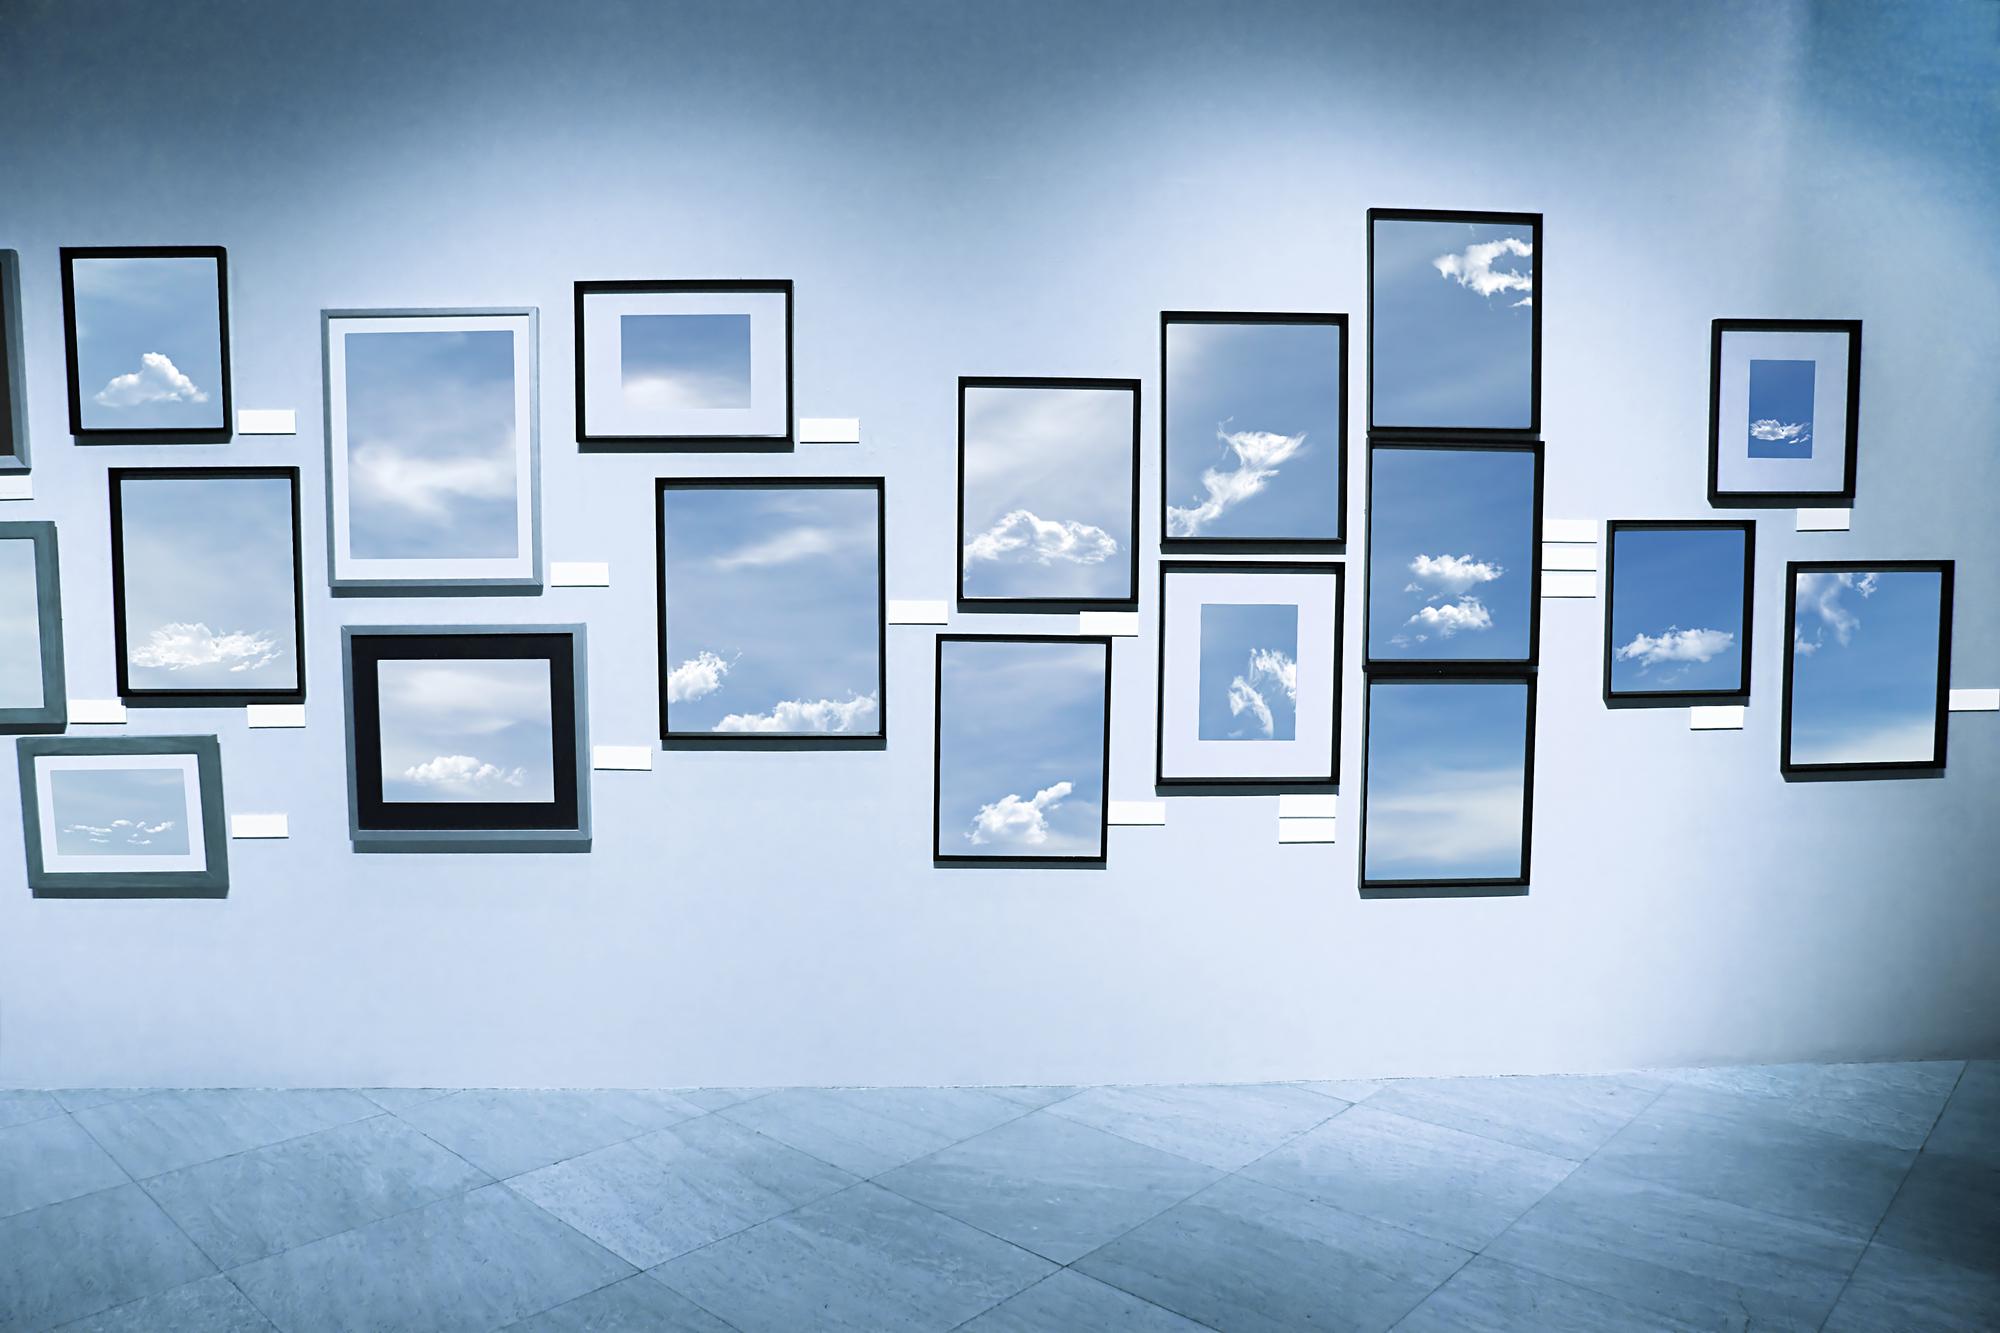 リーズナブルに作品展・グループ展・展示会やるならここ!